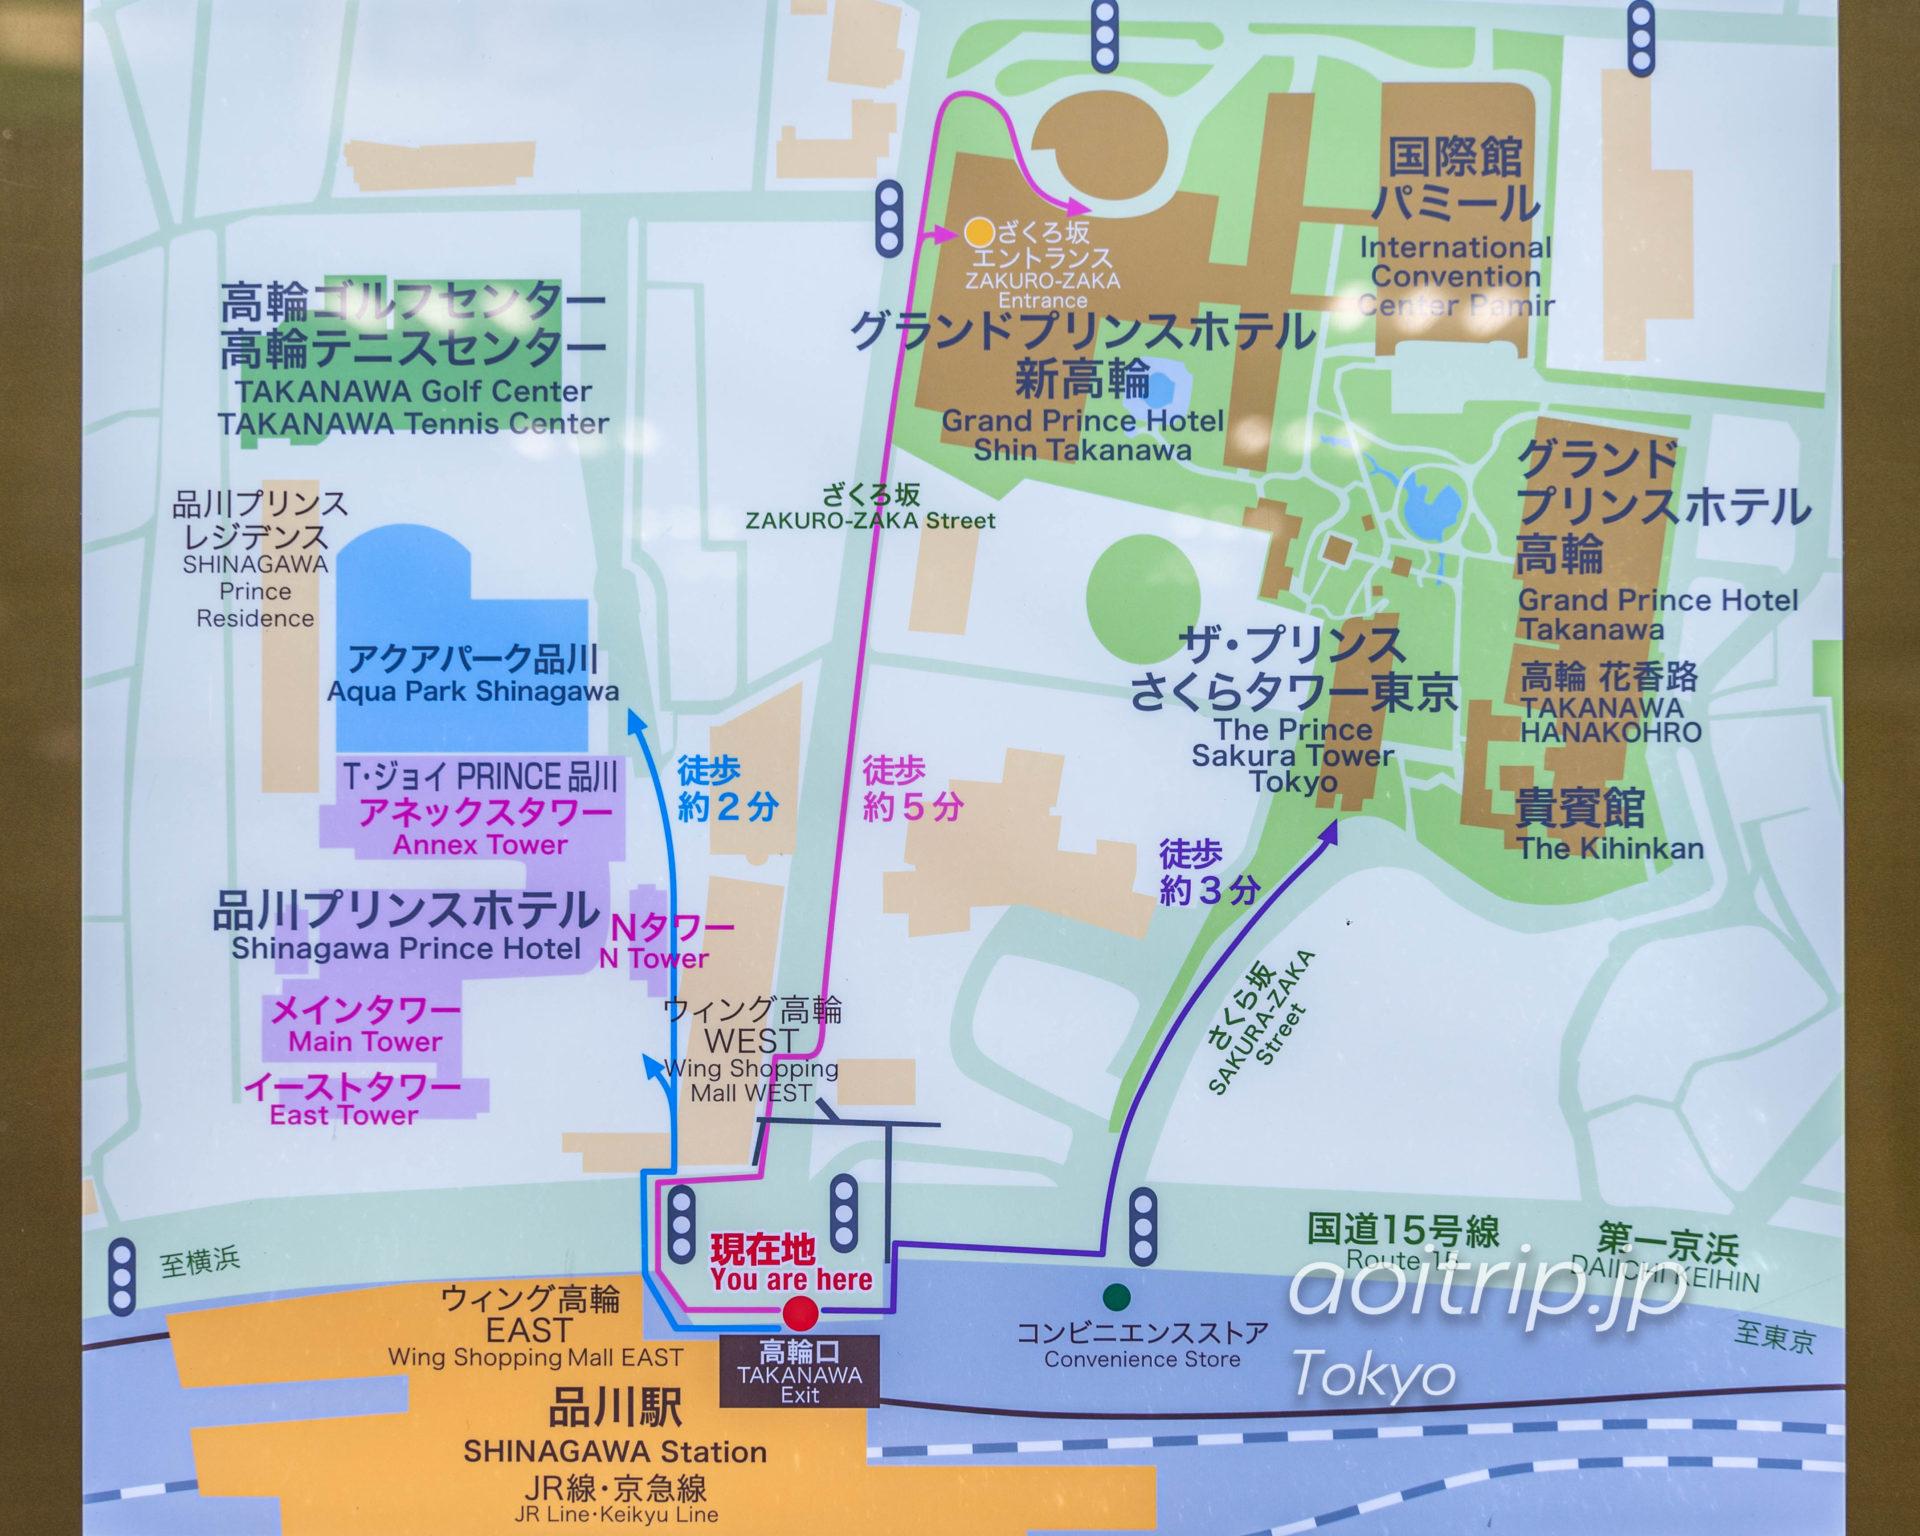 ザ プリンス さくらタワー東京の案内図